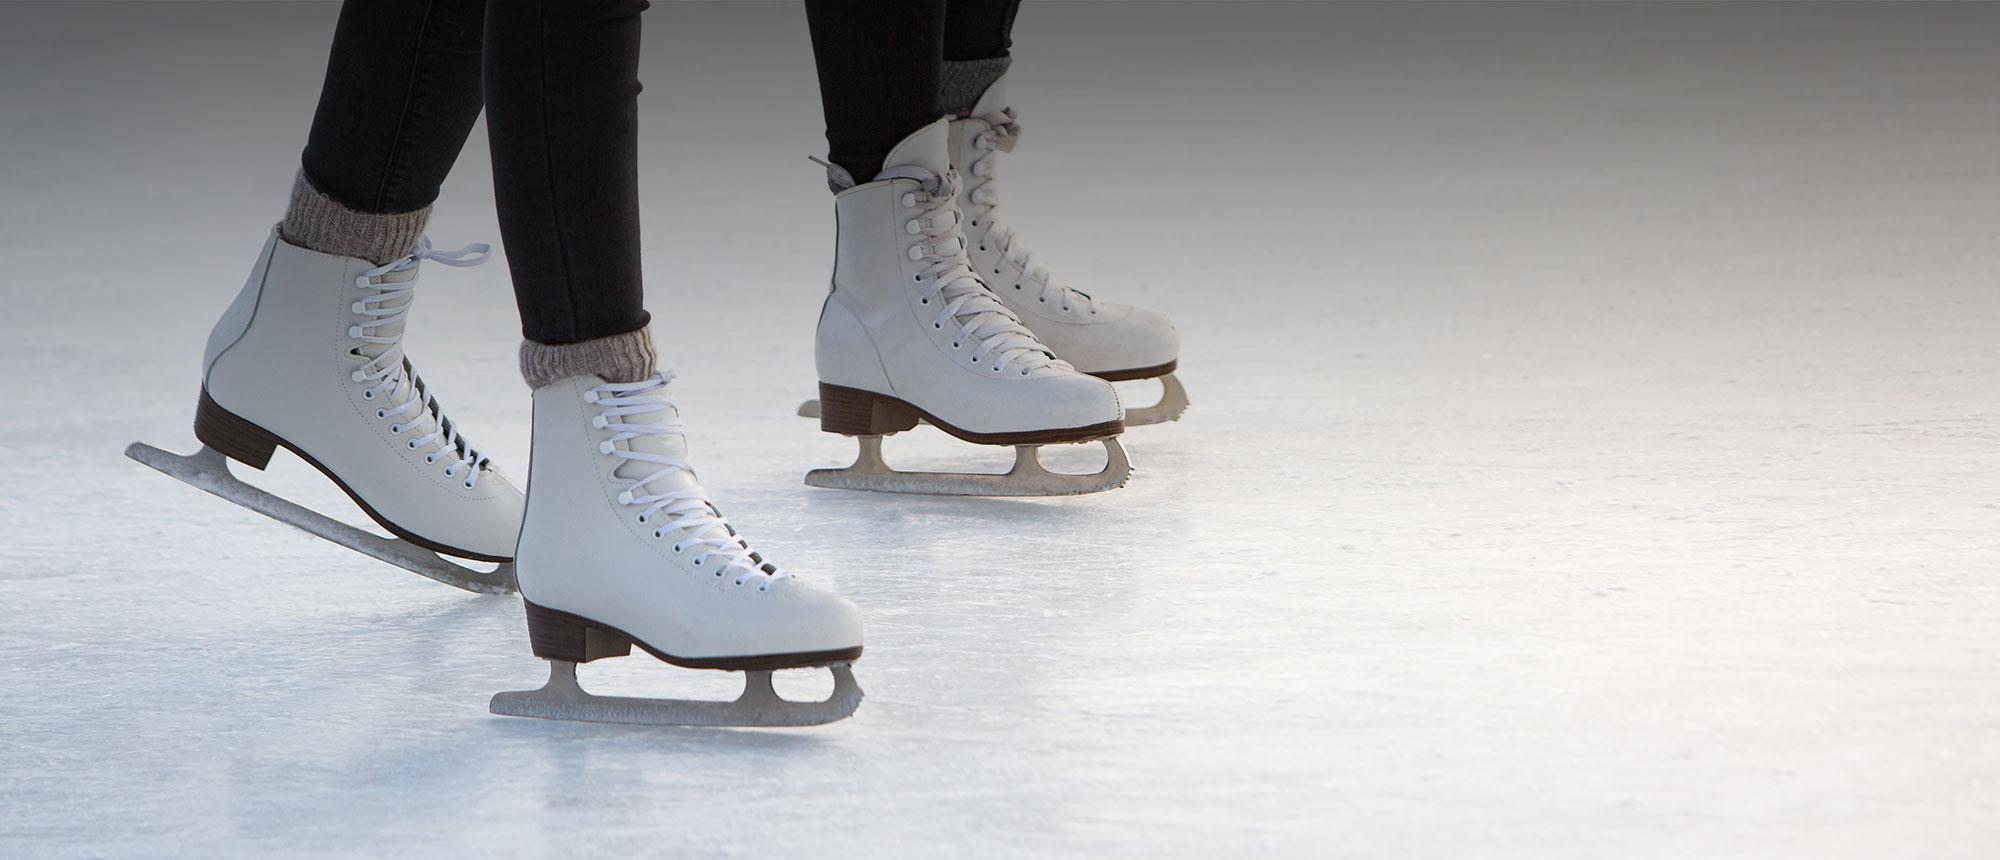 Skating Information